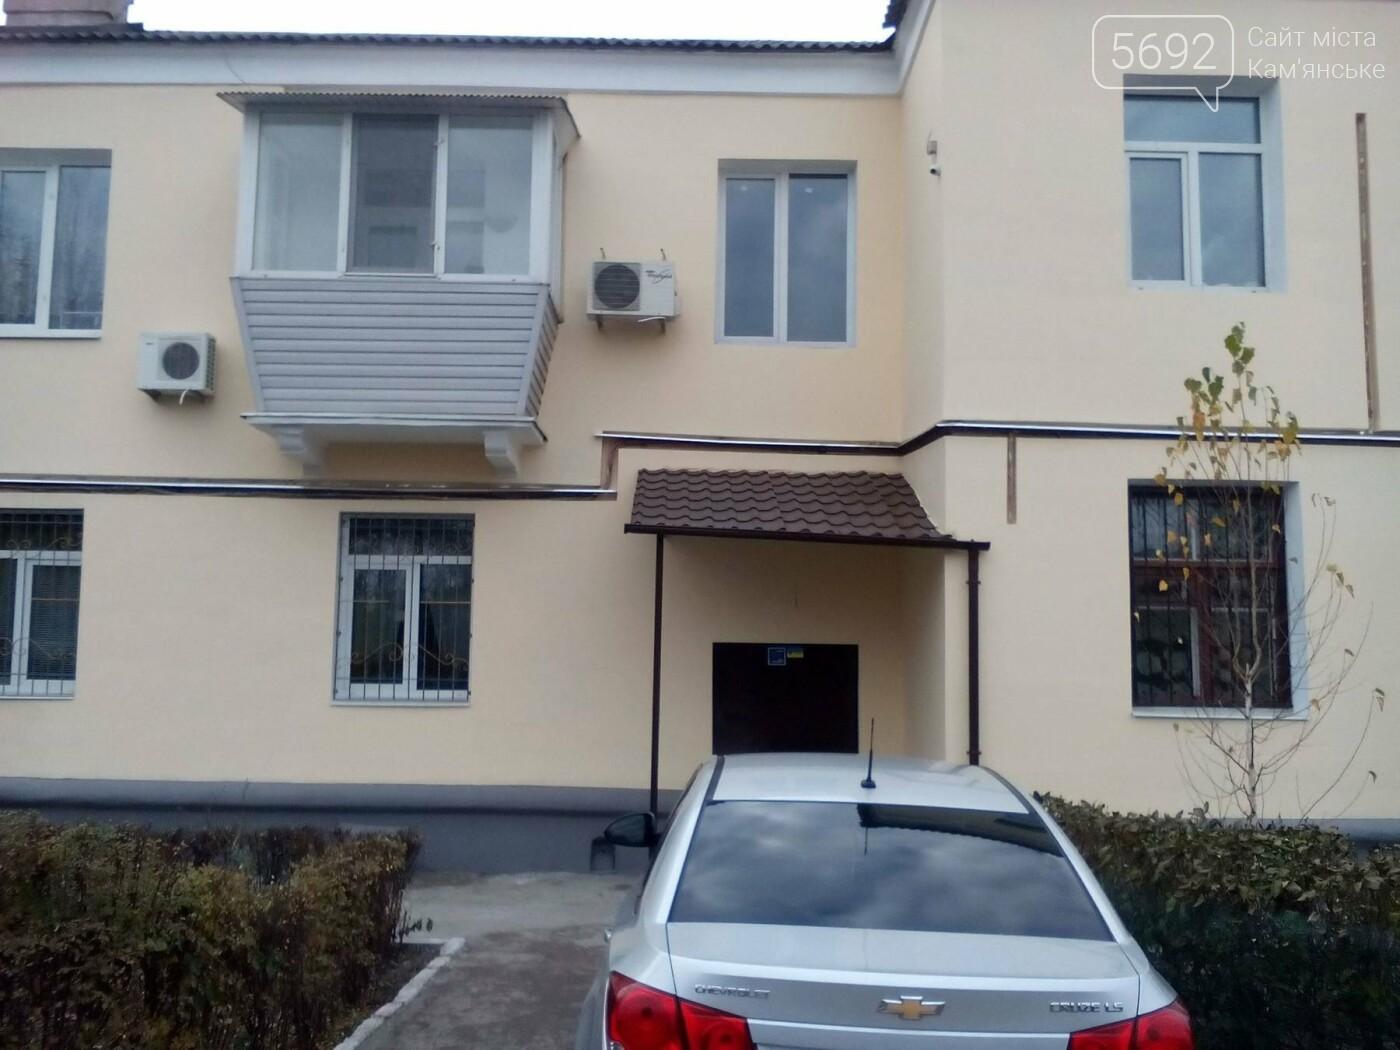 Дом на Юбилейном в Каменском не похож на все: жители перешли на ОСМД, фото-2